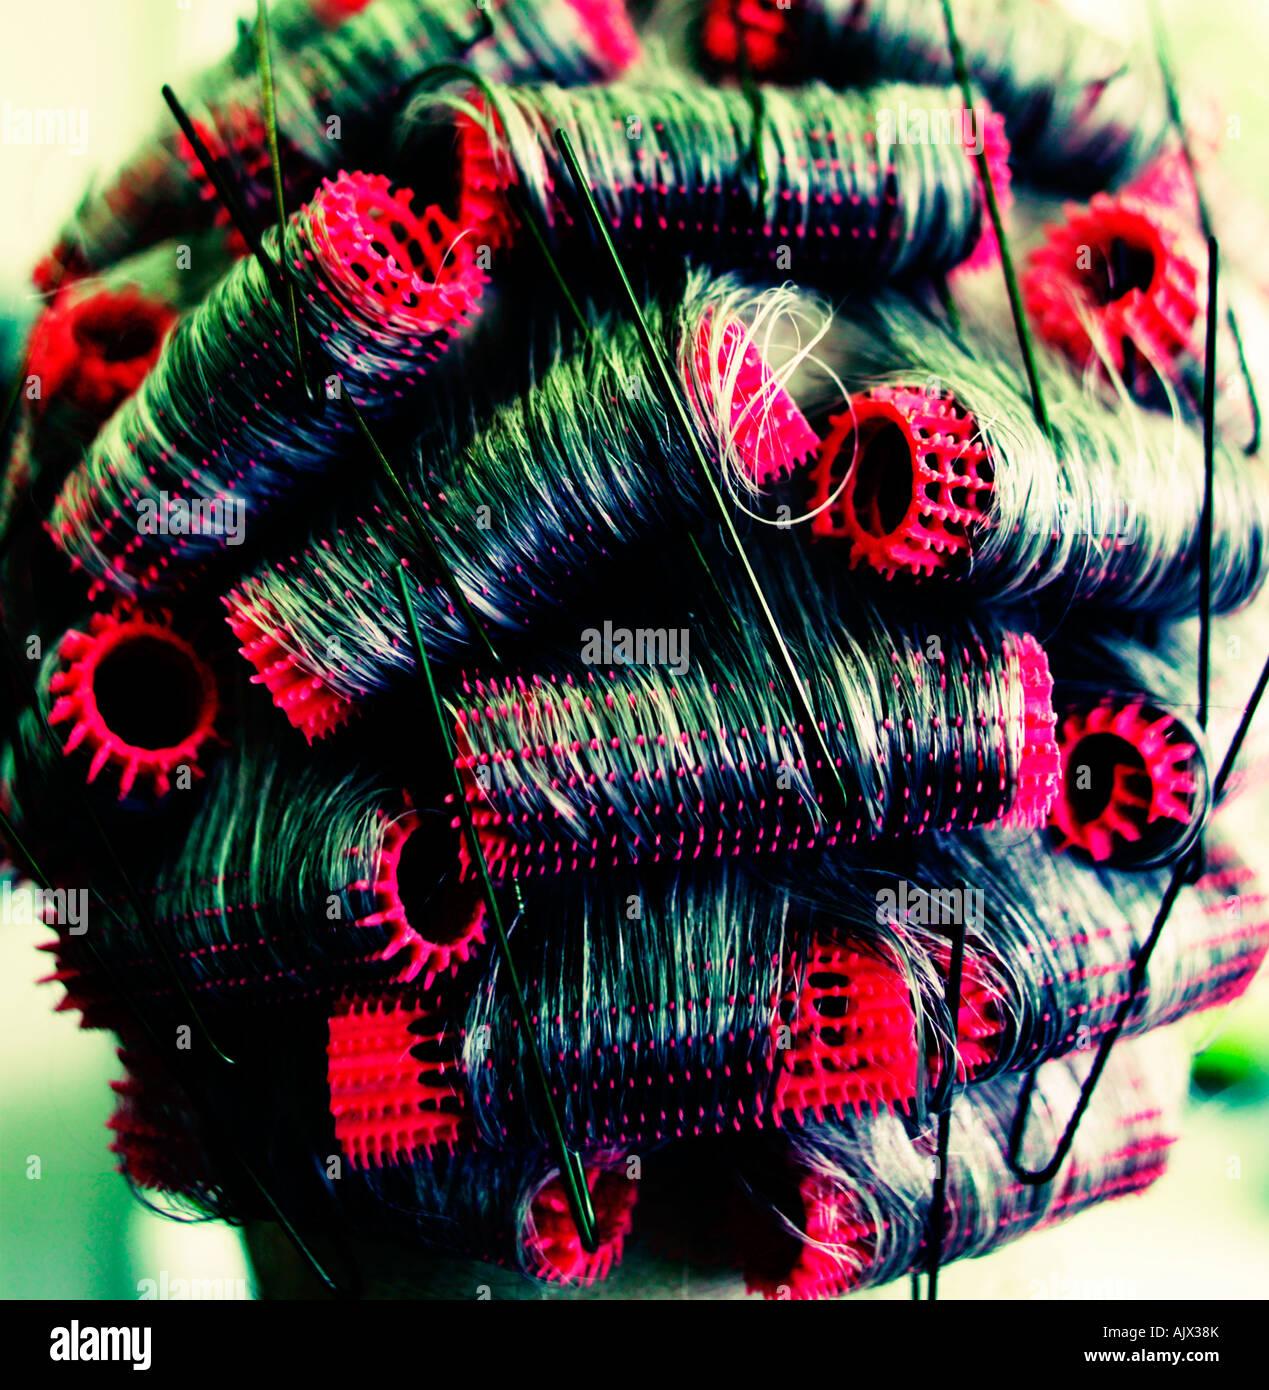 Résumé des curleurs au hairdressers Photo Stock